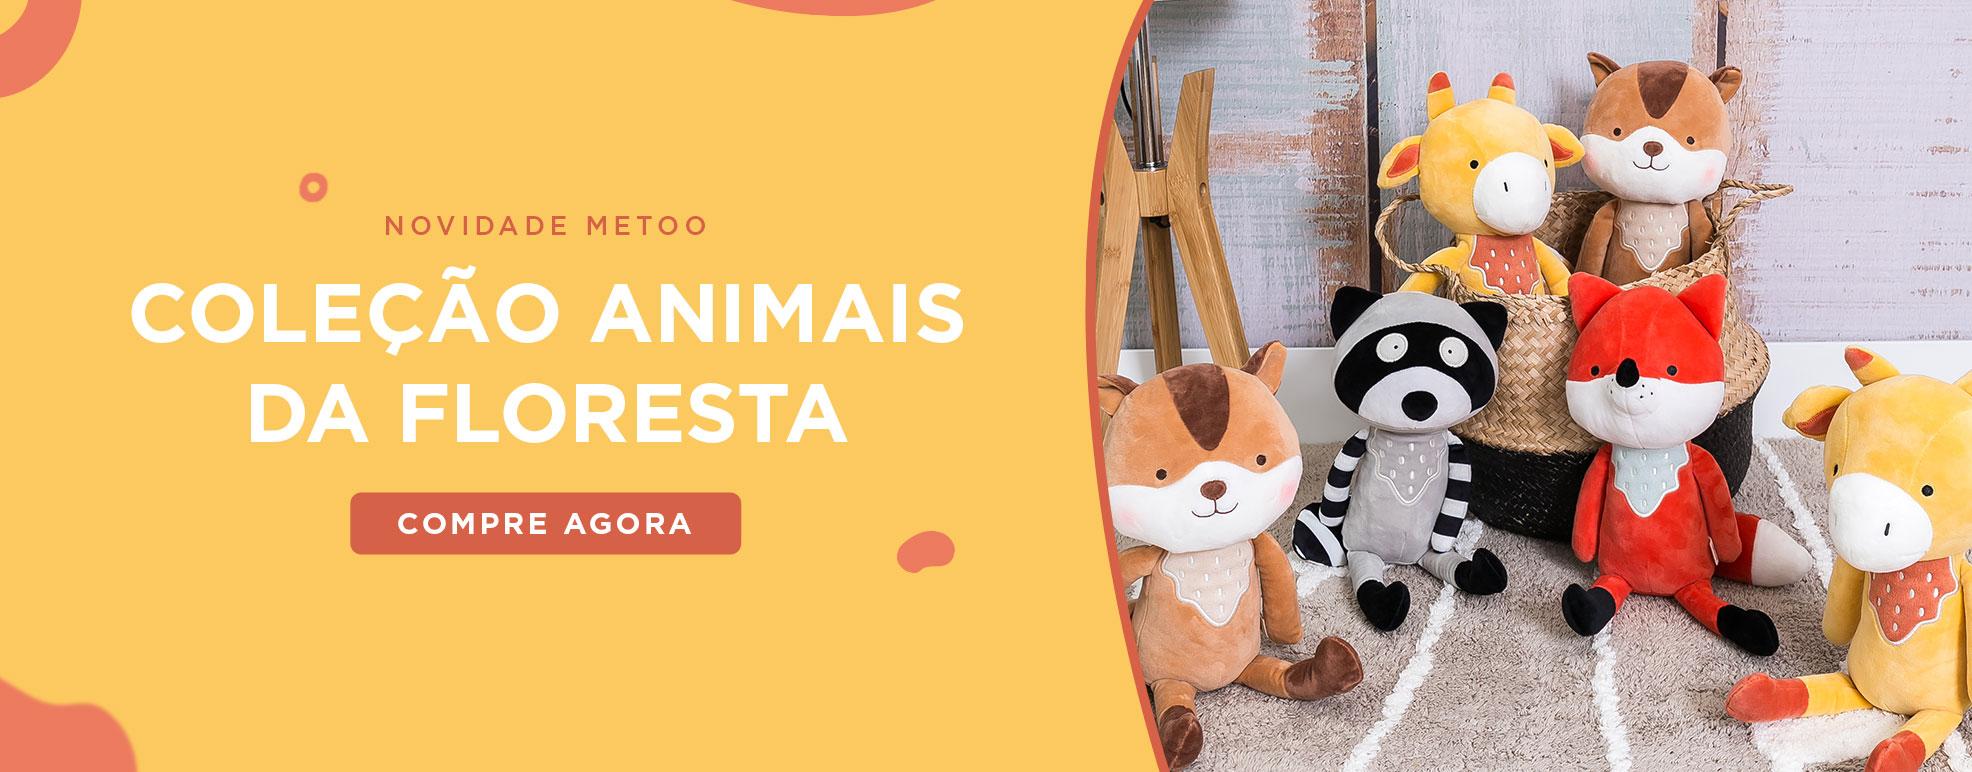 Banner Animais da Floresta